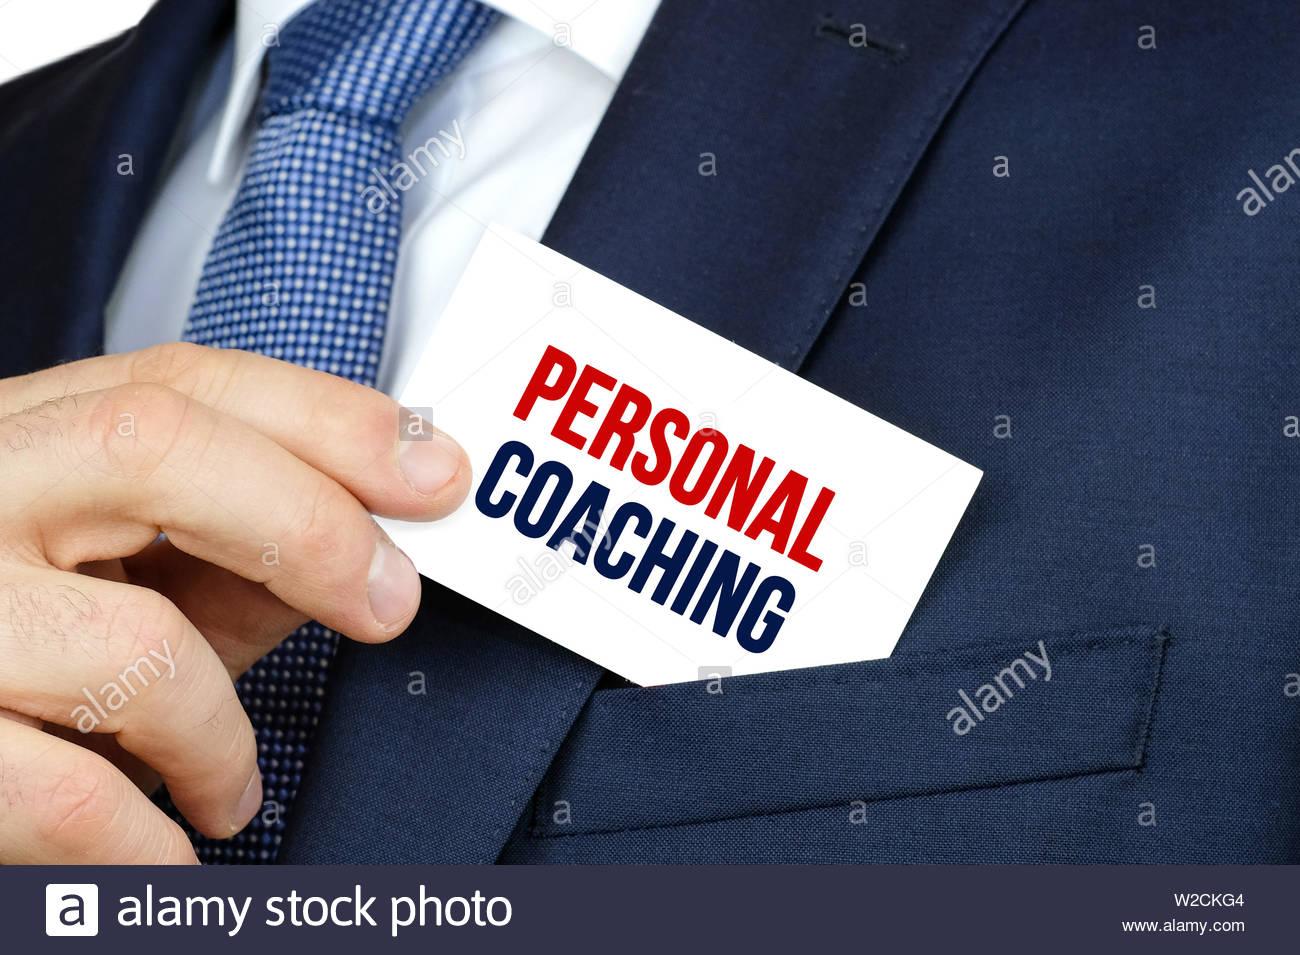 Il Personal Coaching - Business scheda di pubblicità Immagini Stock